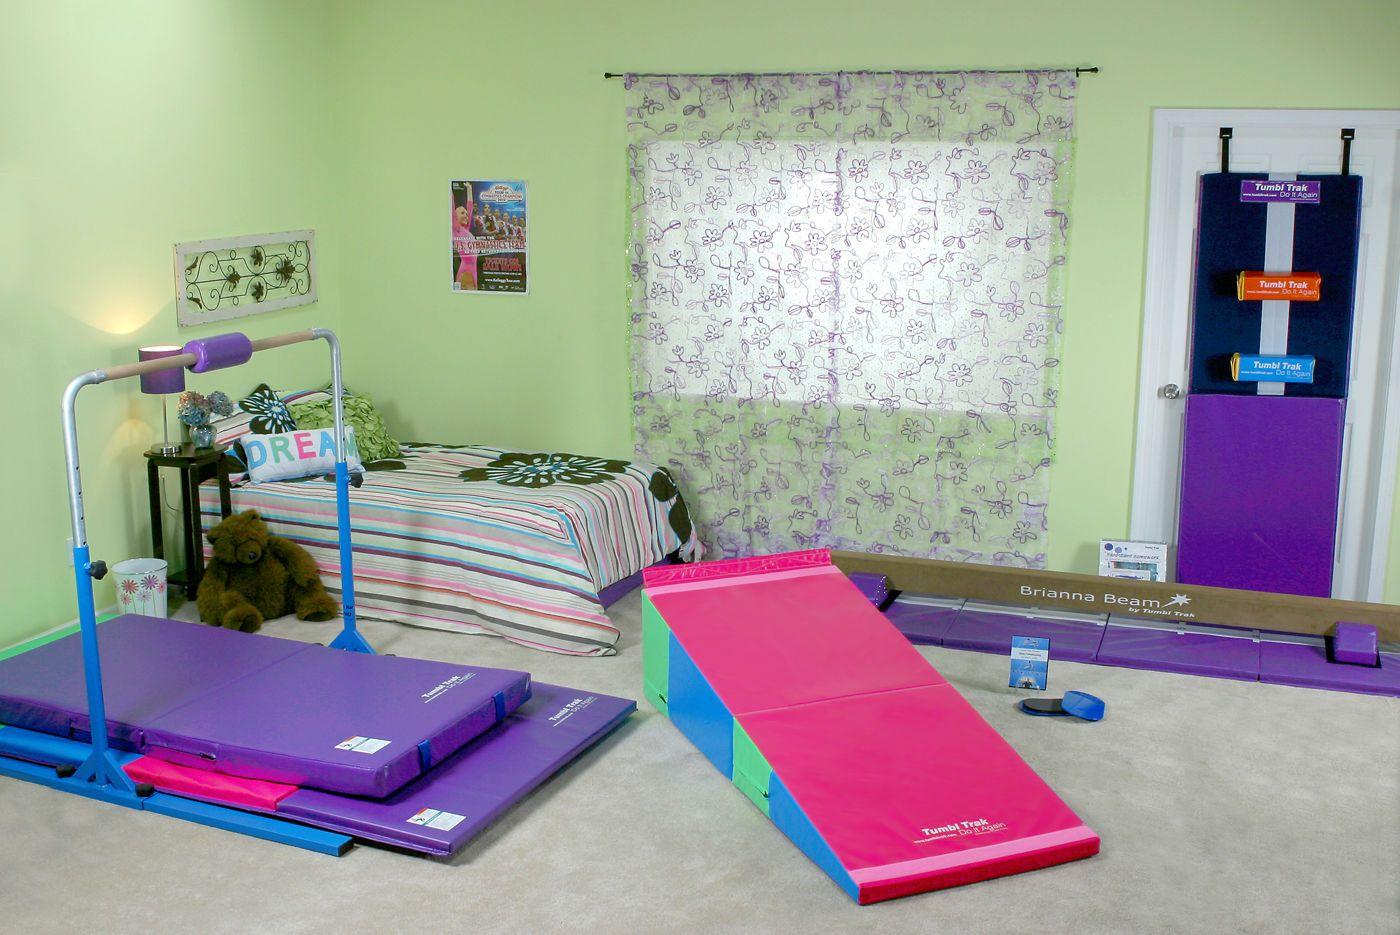 pin plus colors medium large and mat gymnastics mats incline